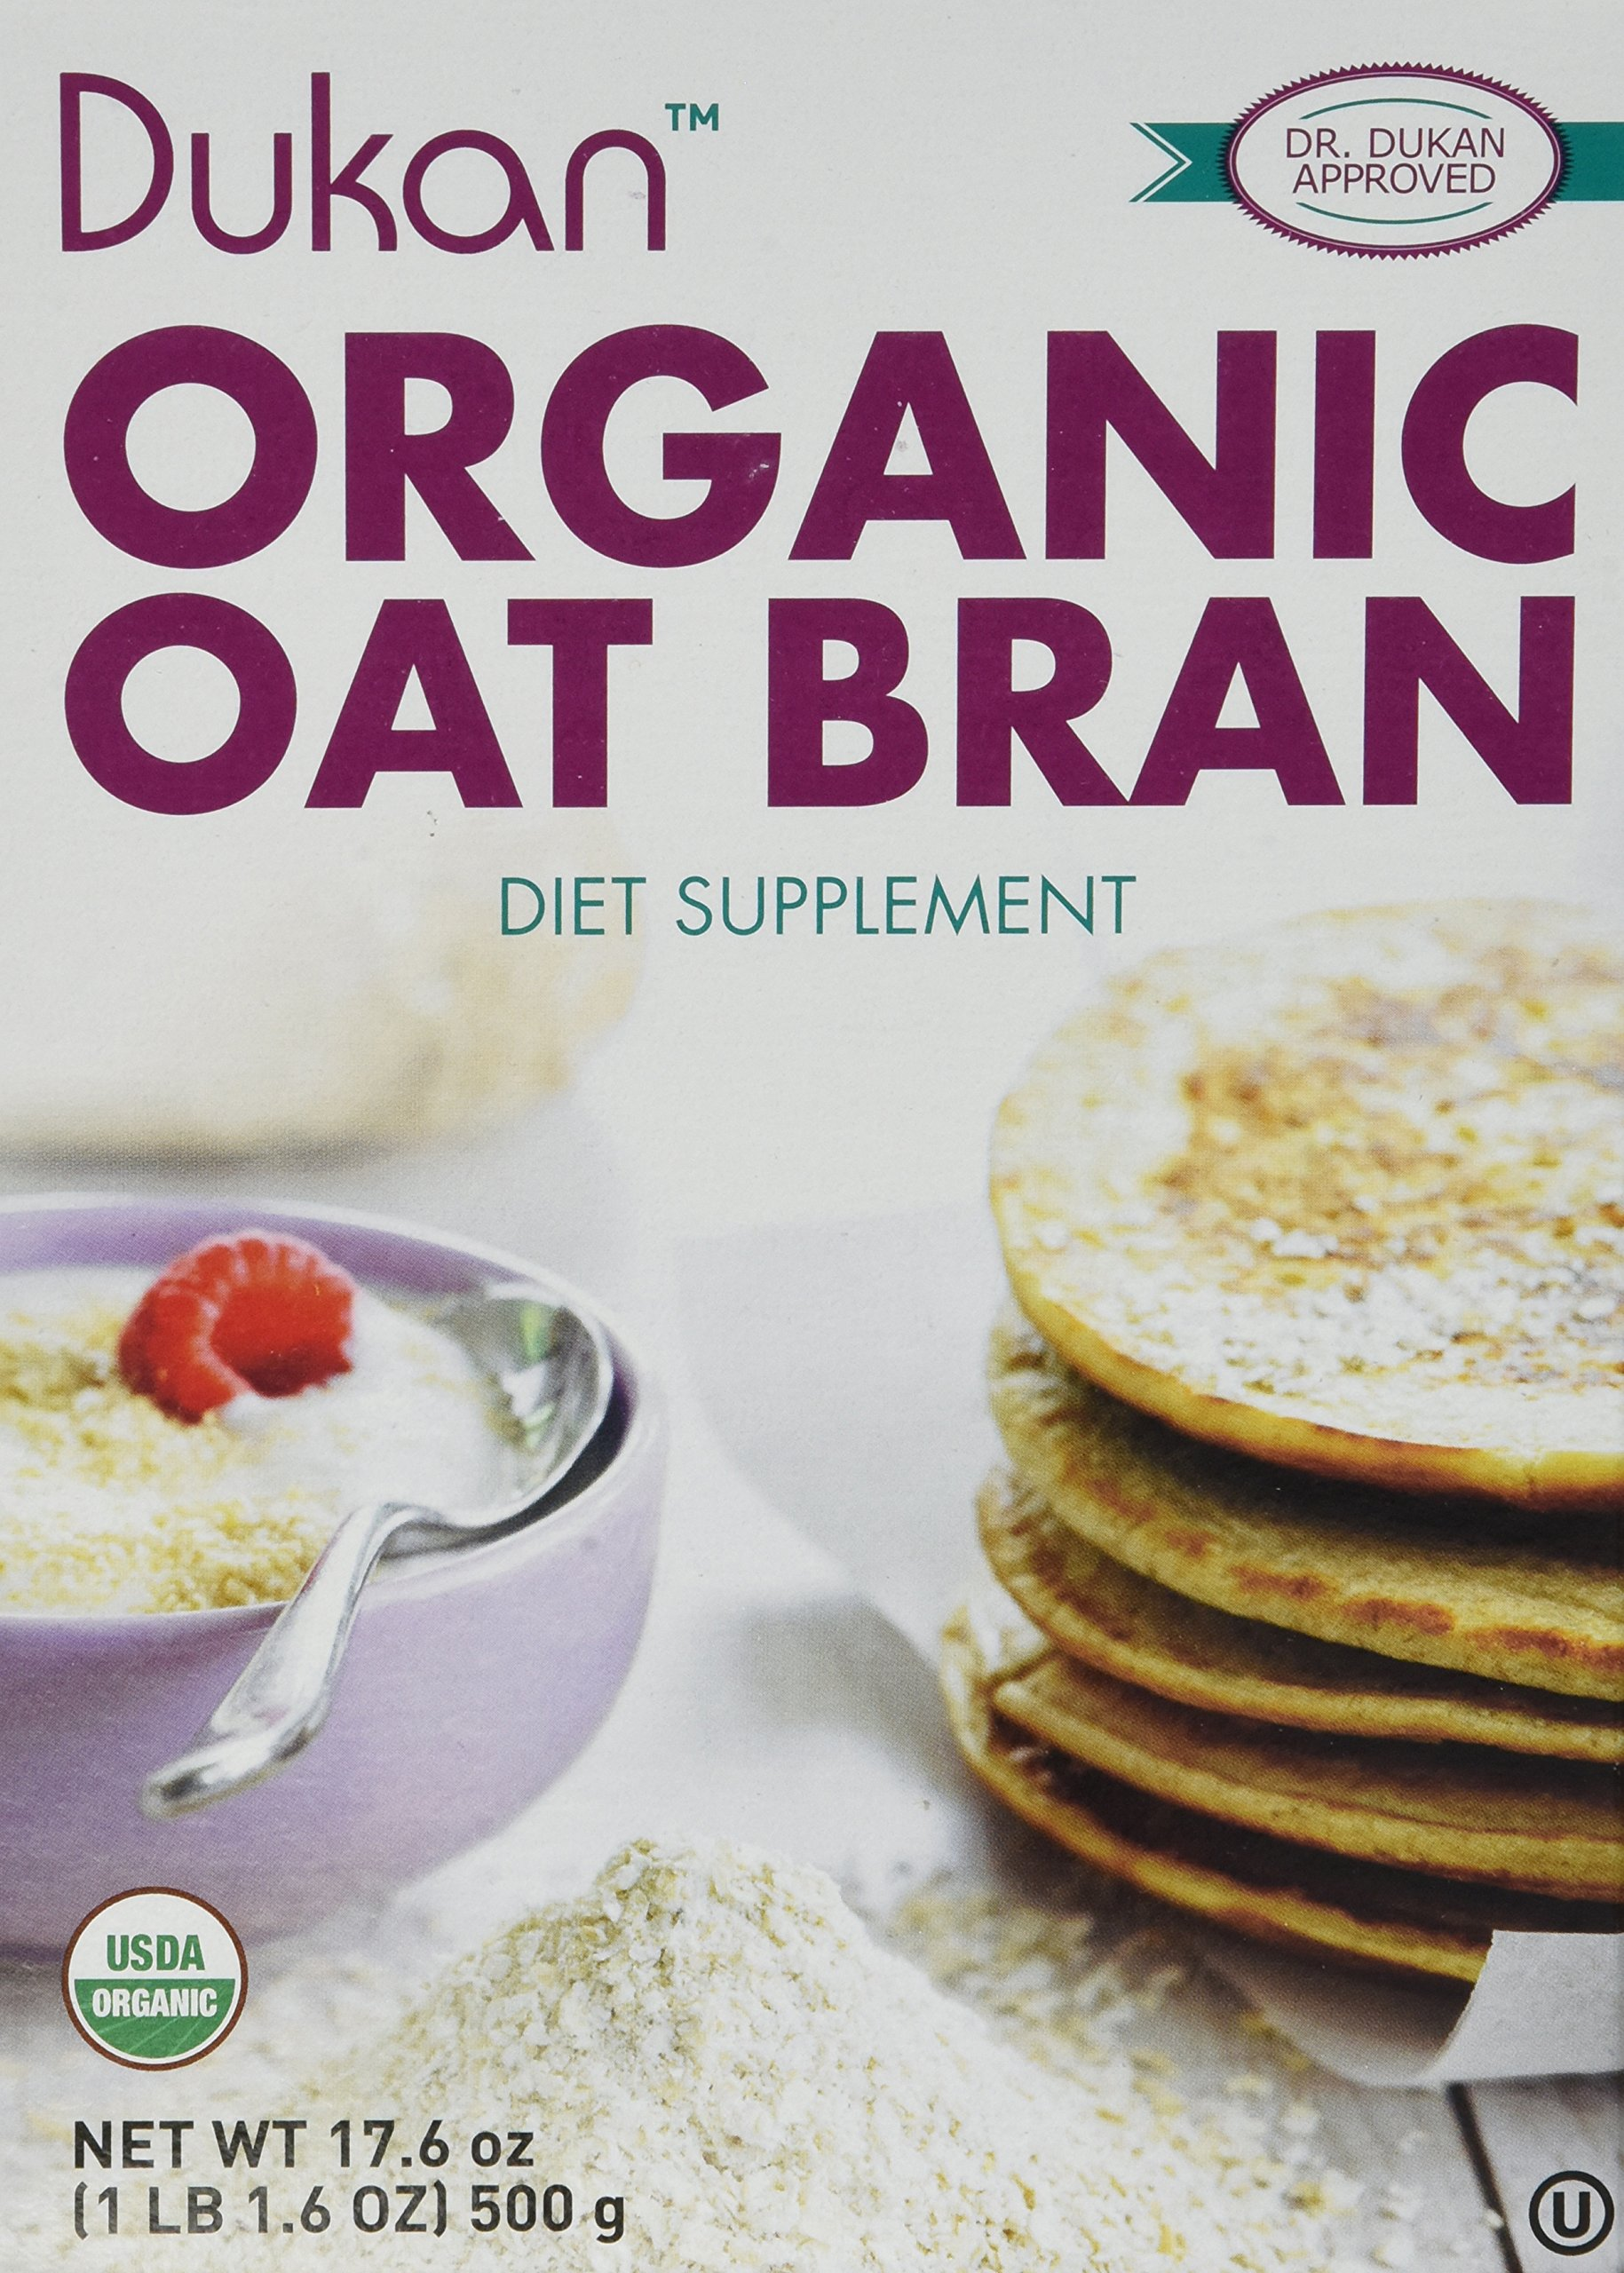 Dukan Diet Organic Oat Bran 4-Pack – Kosher - 4 Pack - 17.6 oz. per box